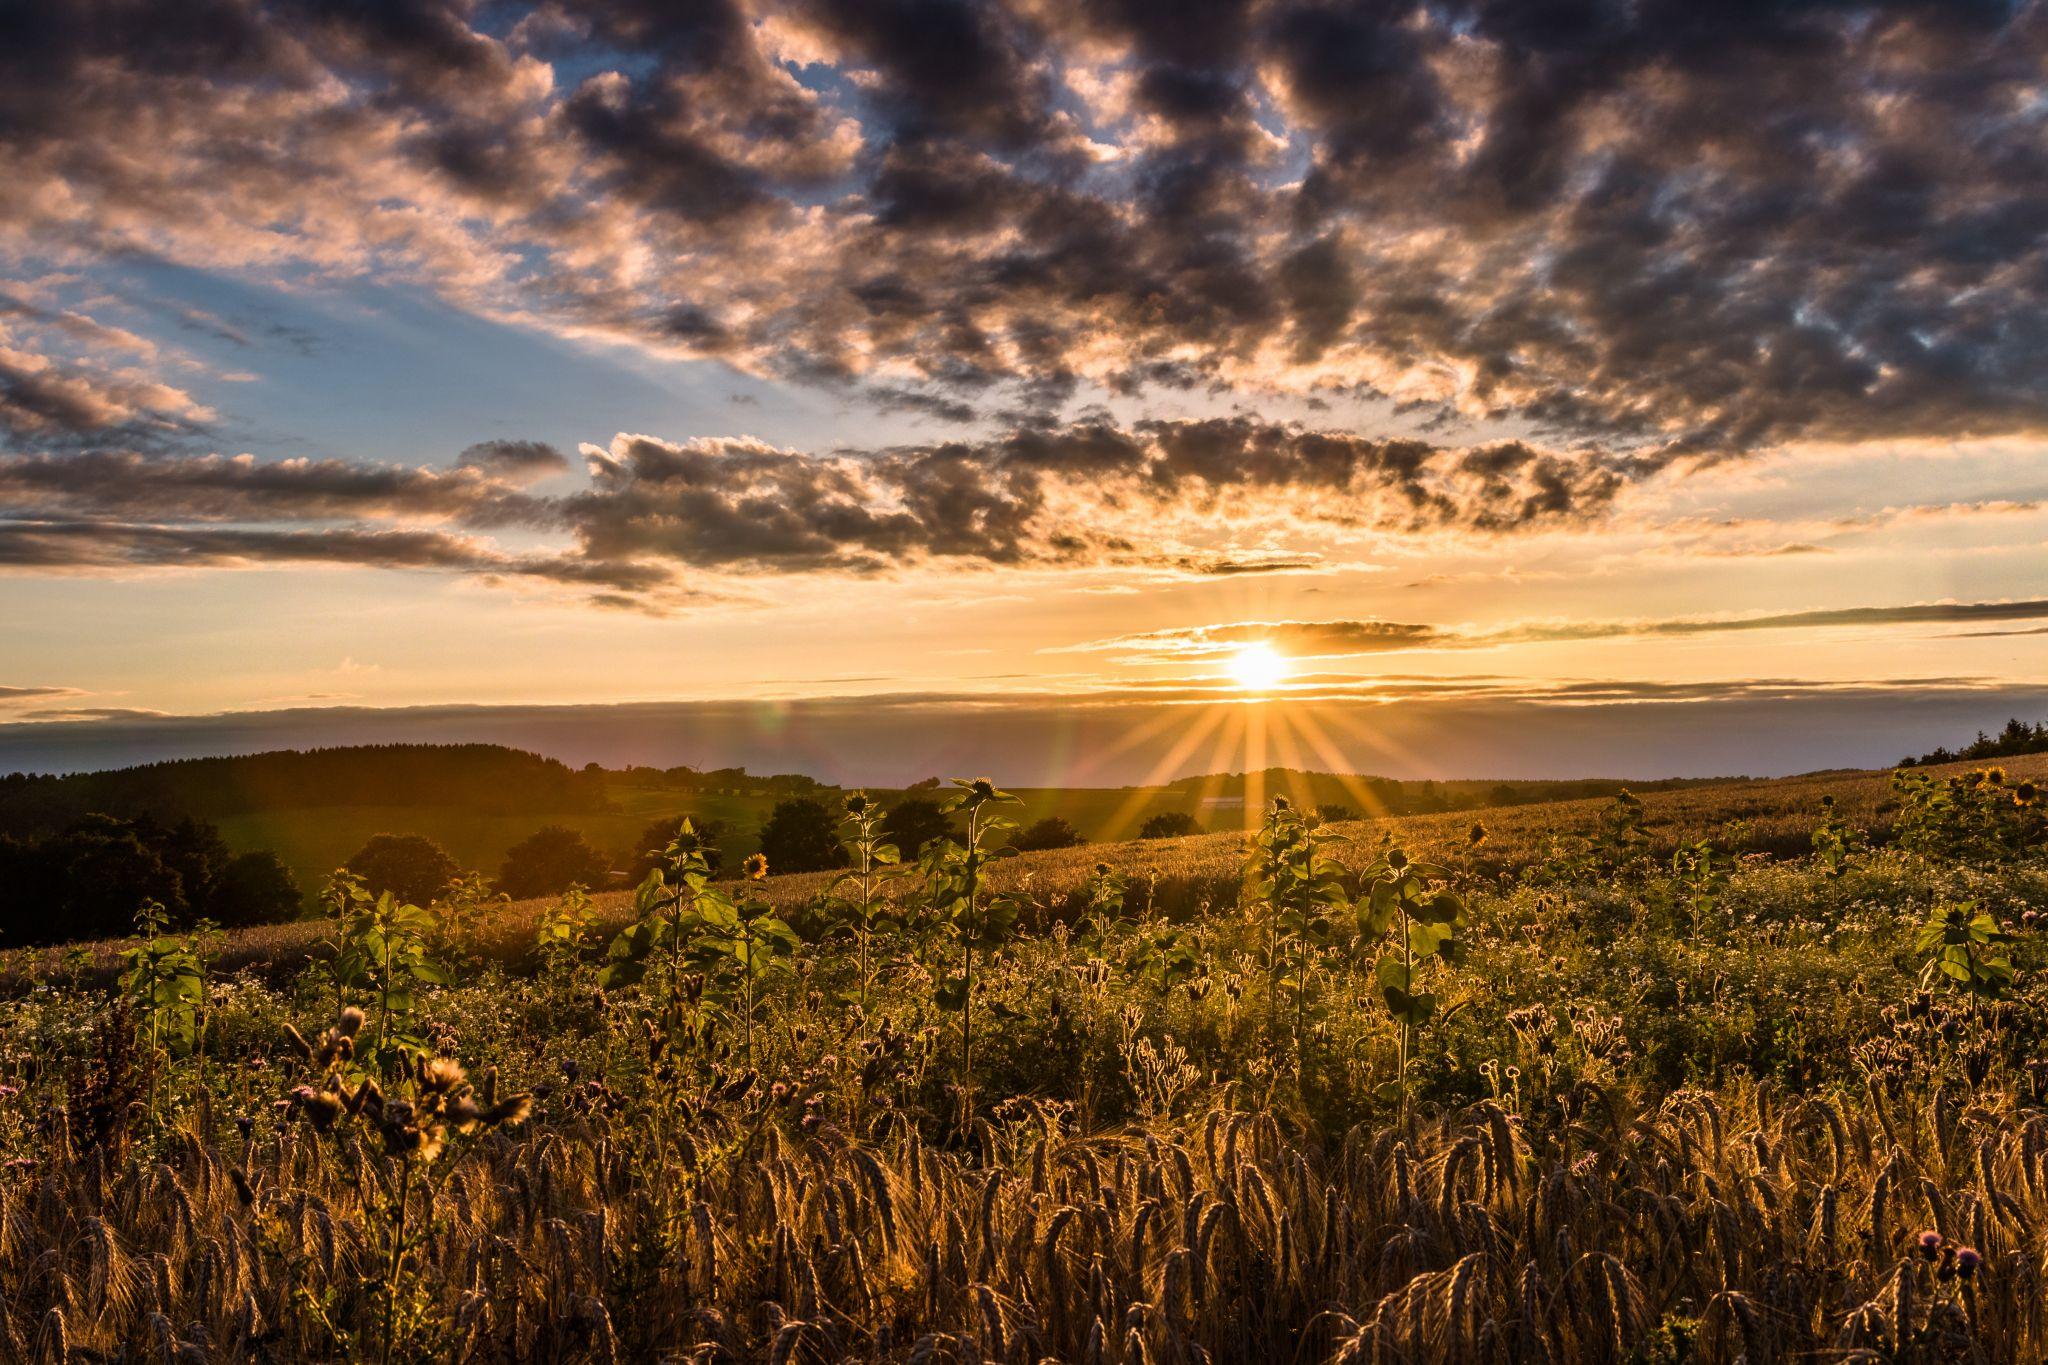 Sunset in Othmaringhausen, Germany